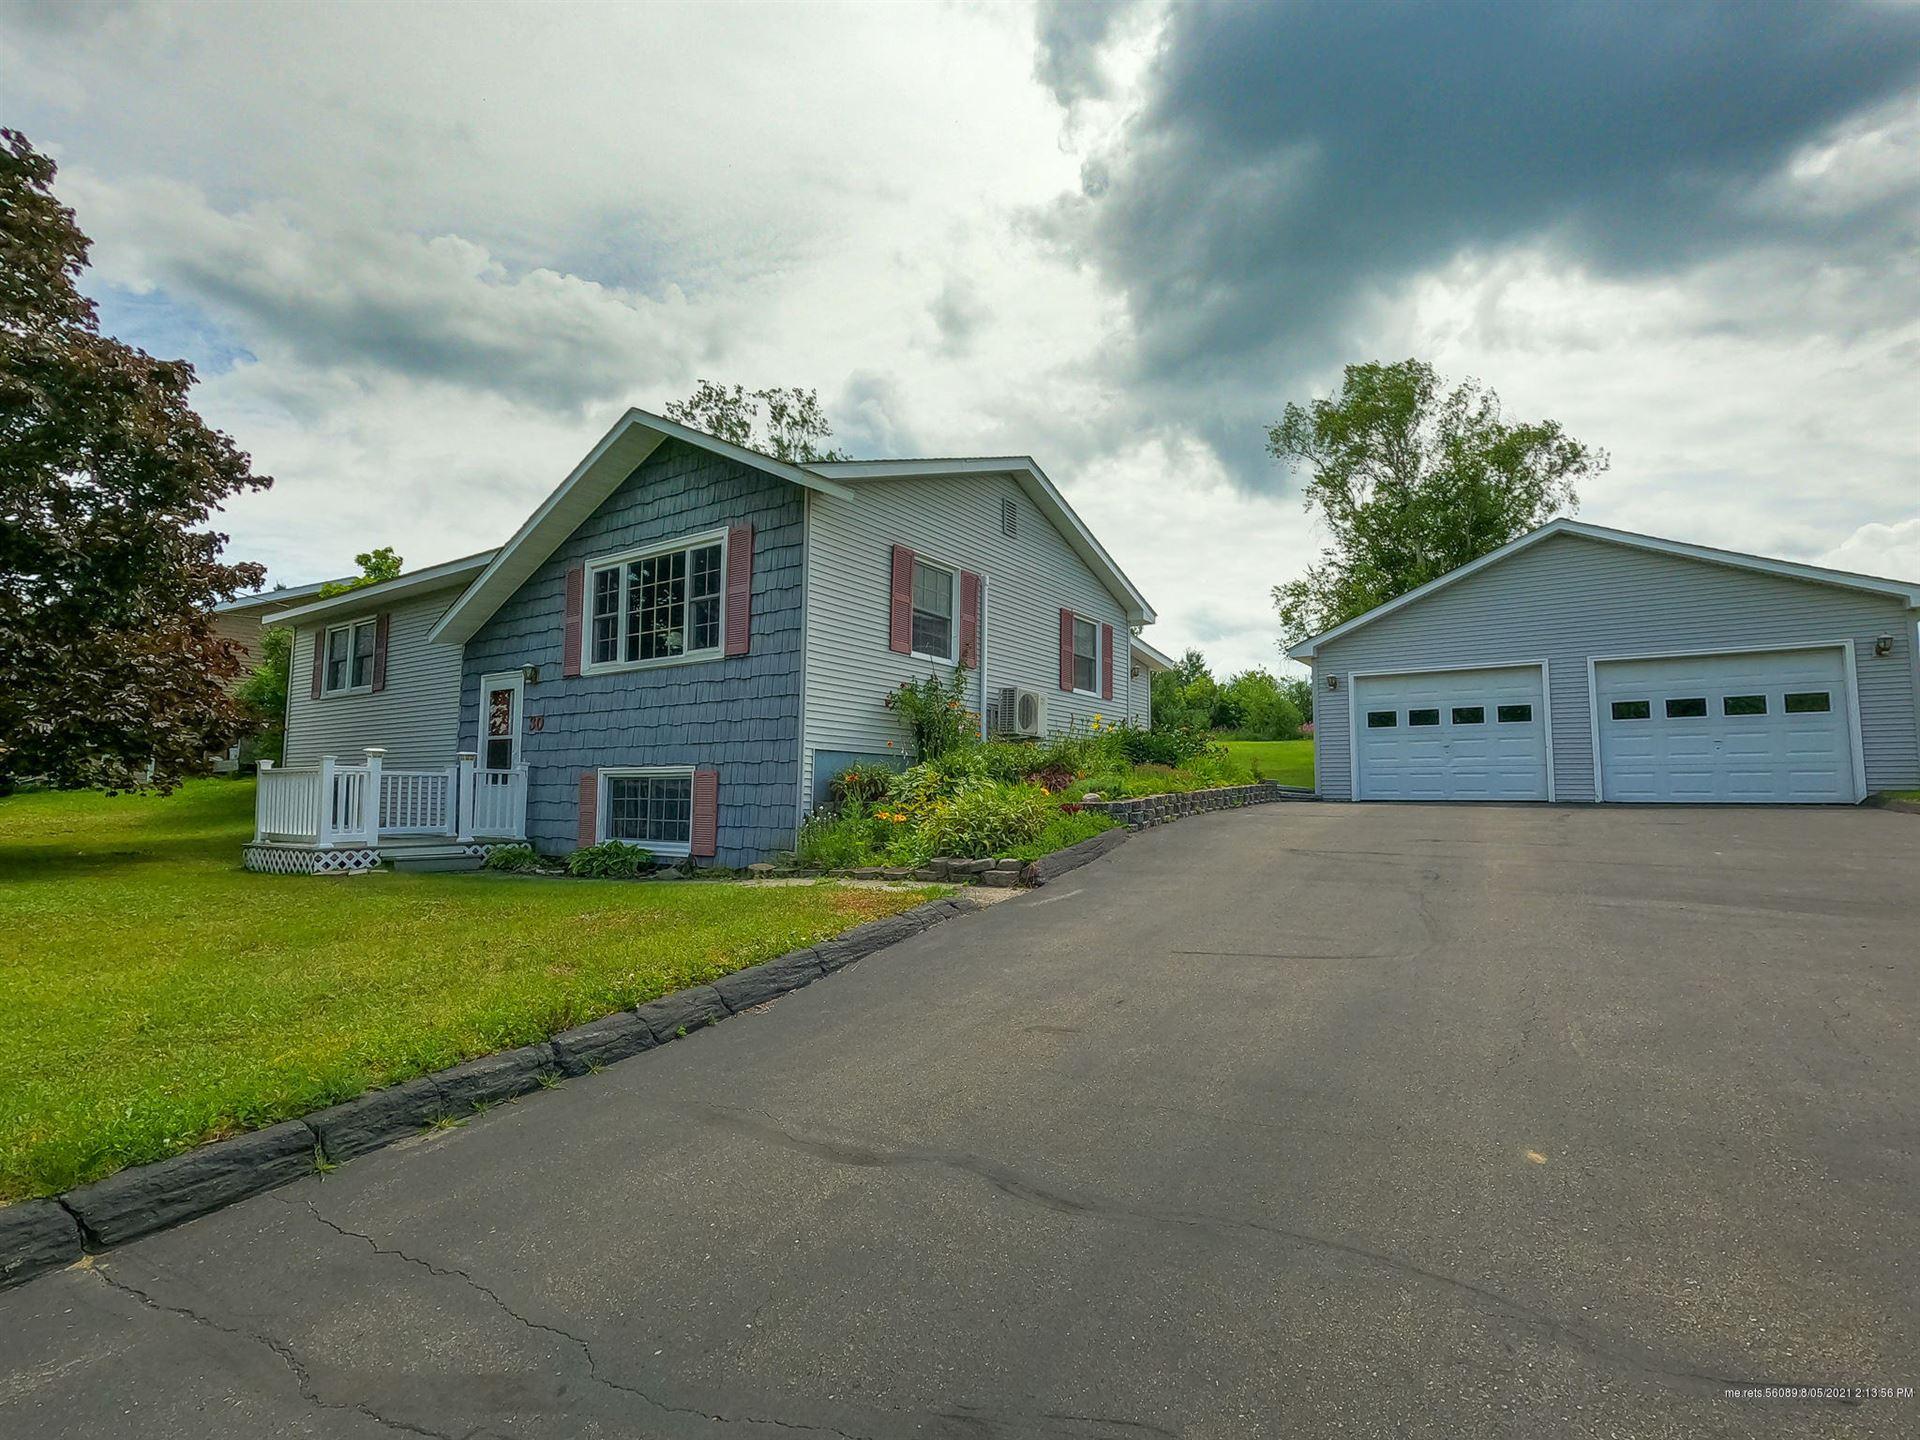 Photo of 30 University Street, Presque Isle, ME 04769 (MLS # 1501762)